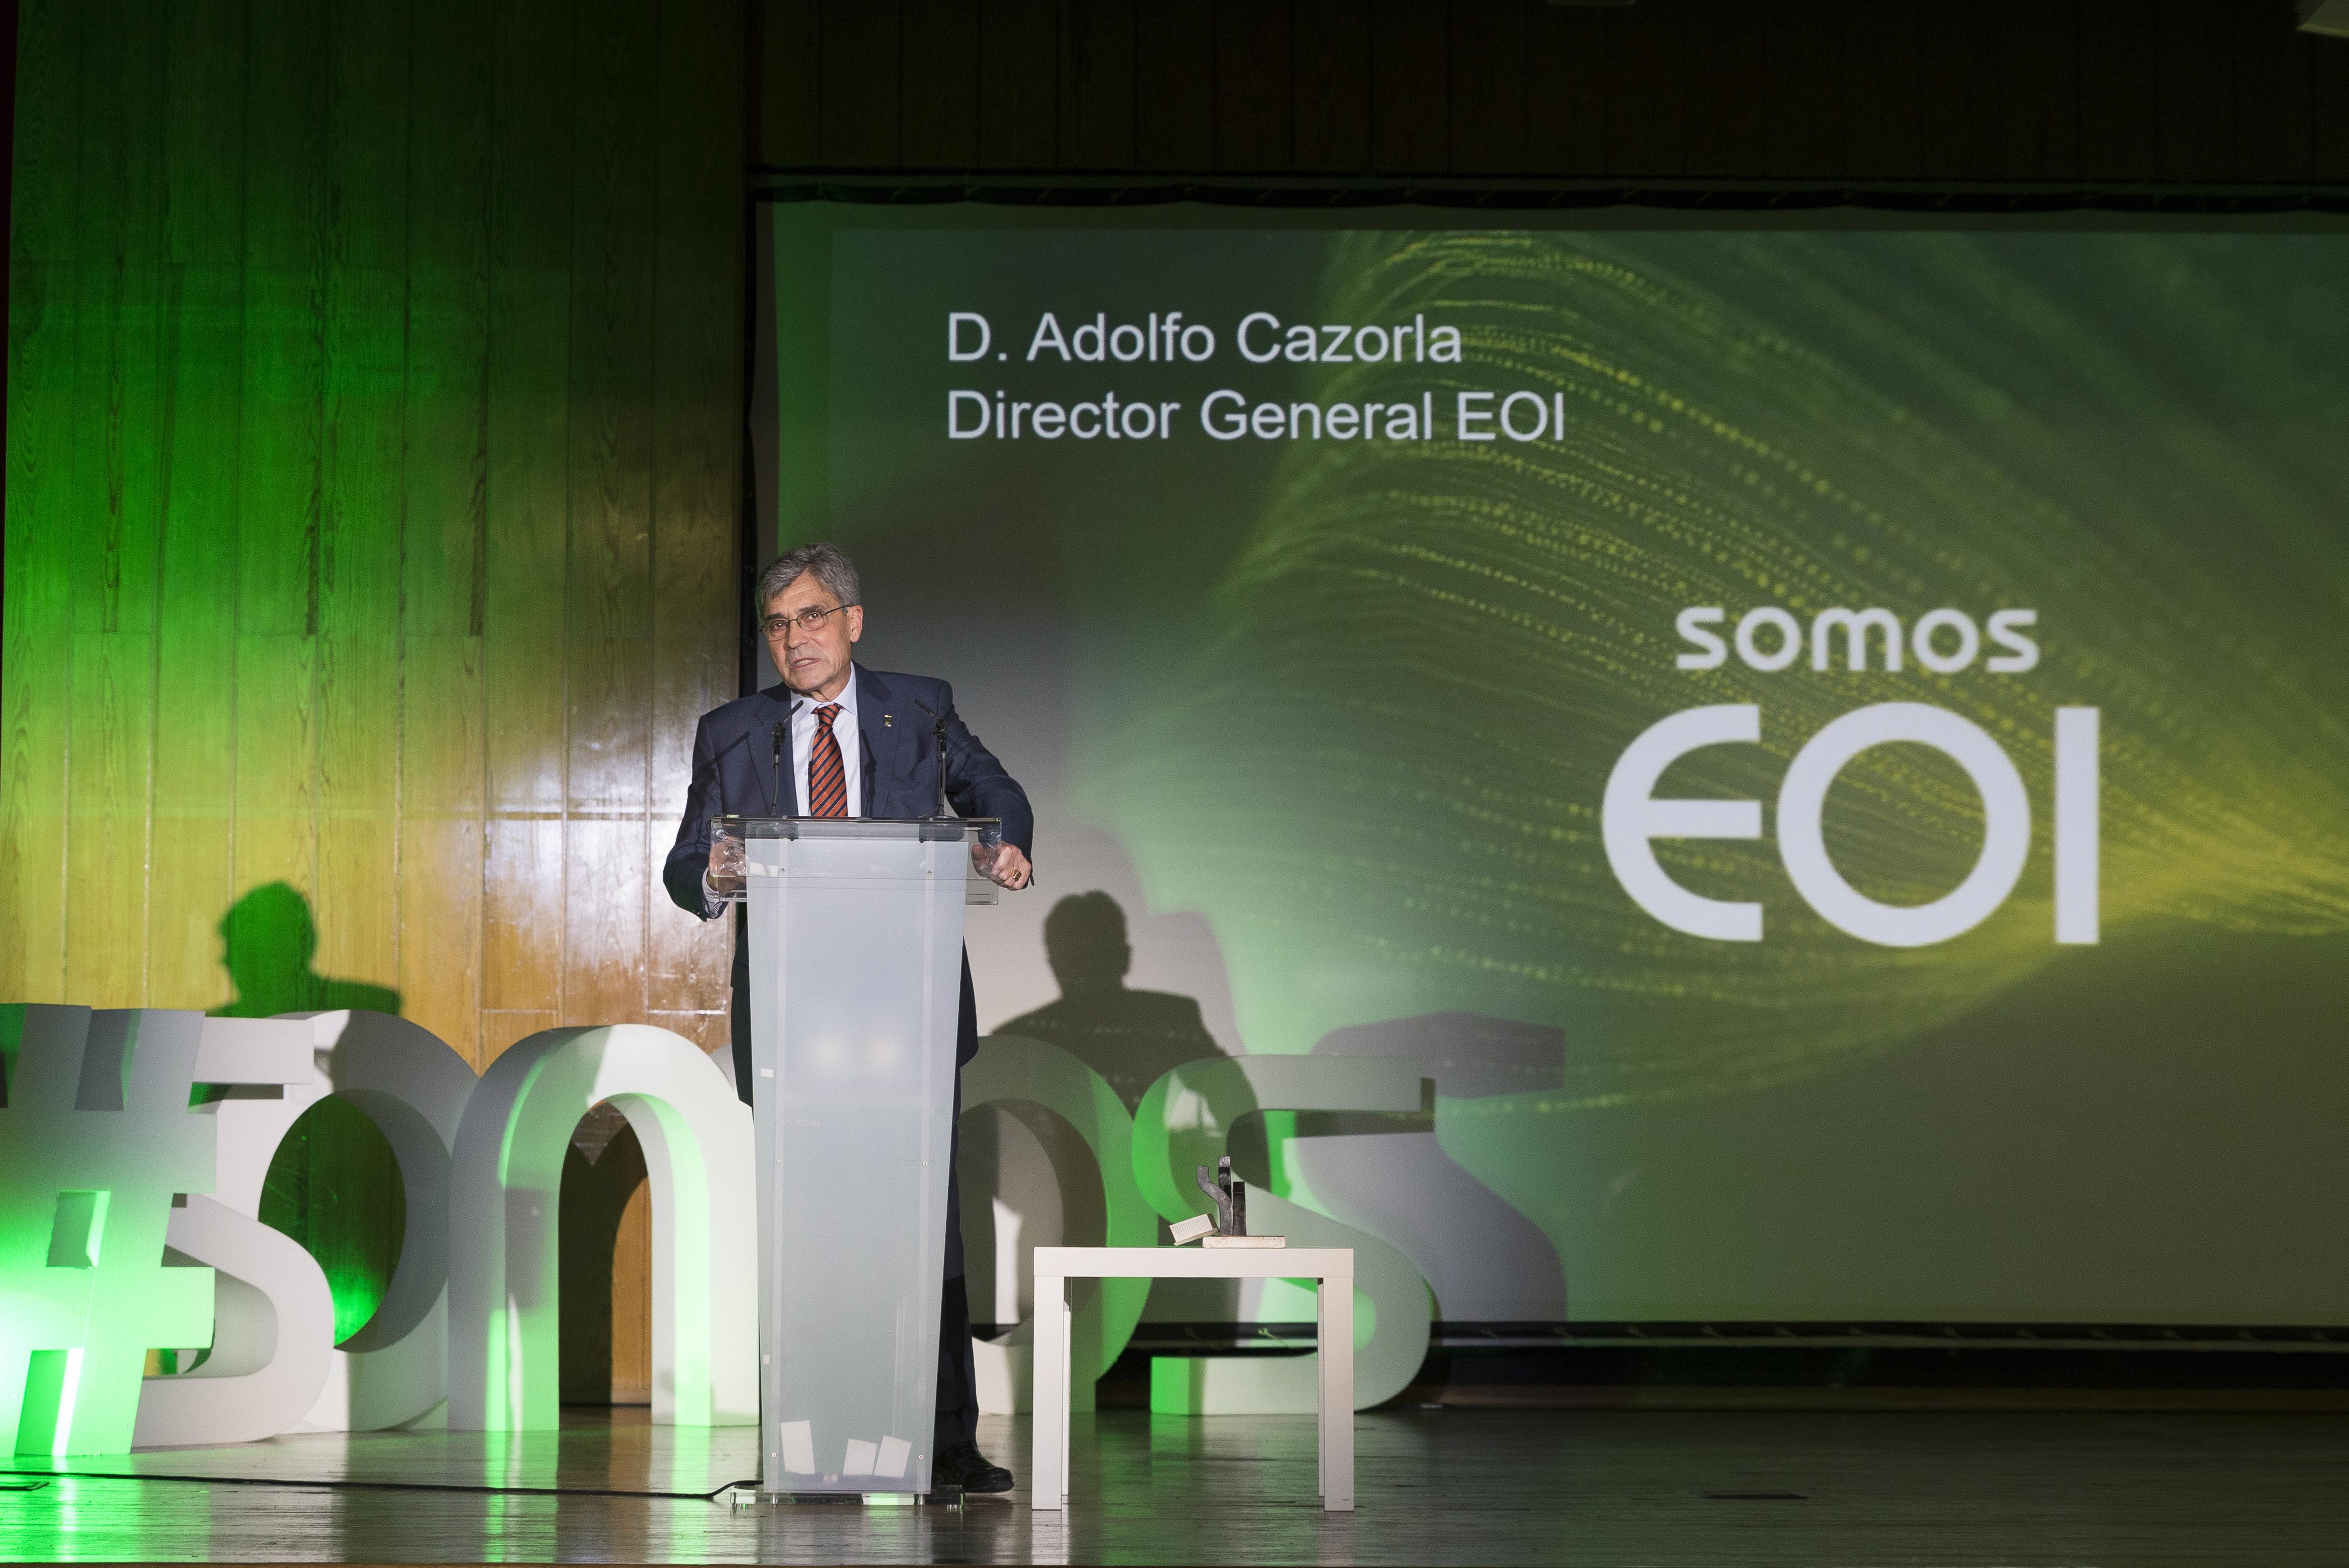 Fotografía Adolfo Cazorla Presidente Eoi © Jorge Zorrilla Fotógrafo Madrid